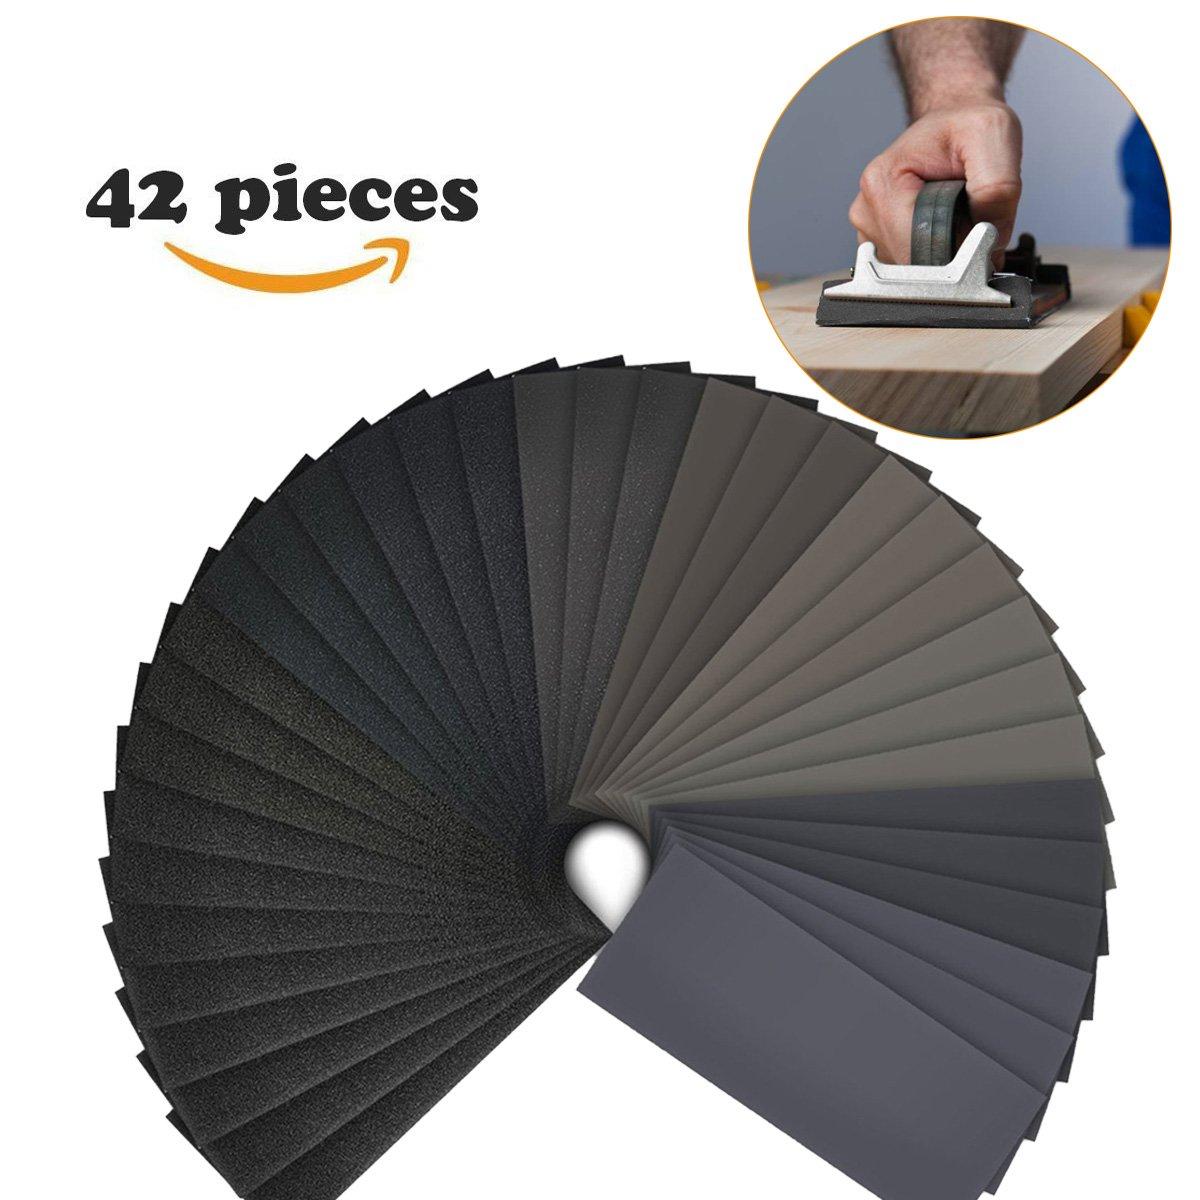 Papel de lija, 42 pcs 120 A 3000 Grit mojado y seco papel de lija Surtido para impermeable para Automotive, muebles de madera acabado de lijado y acabado de giro de madera Rhybom 42 Sheets - Lanhu